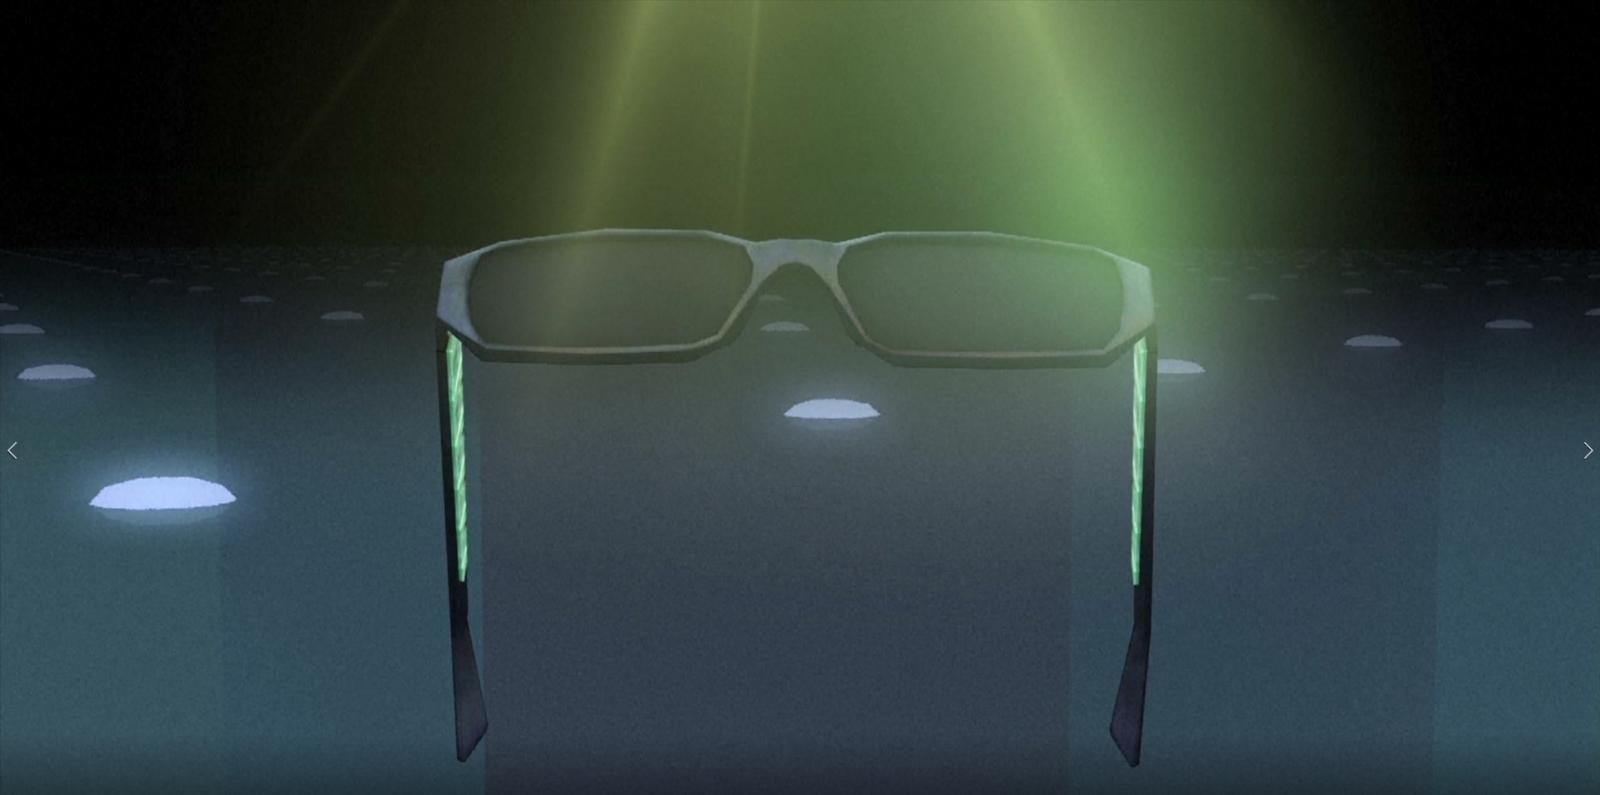 นักวิจัยเยอรมันประดิษฐ์แว่นกันแดดผลิตไฟฟ้า